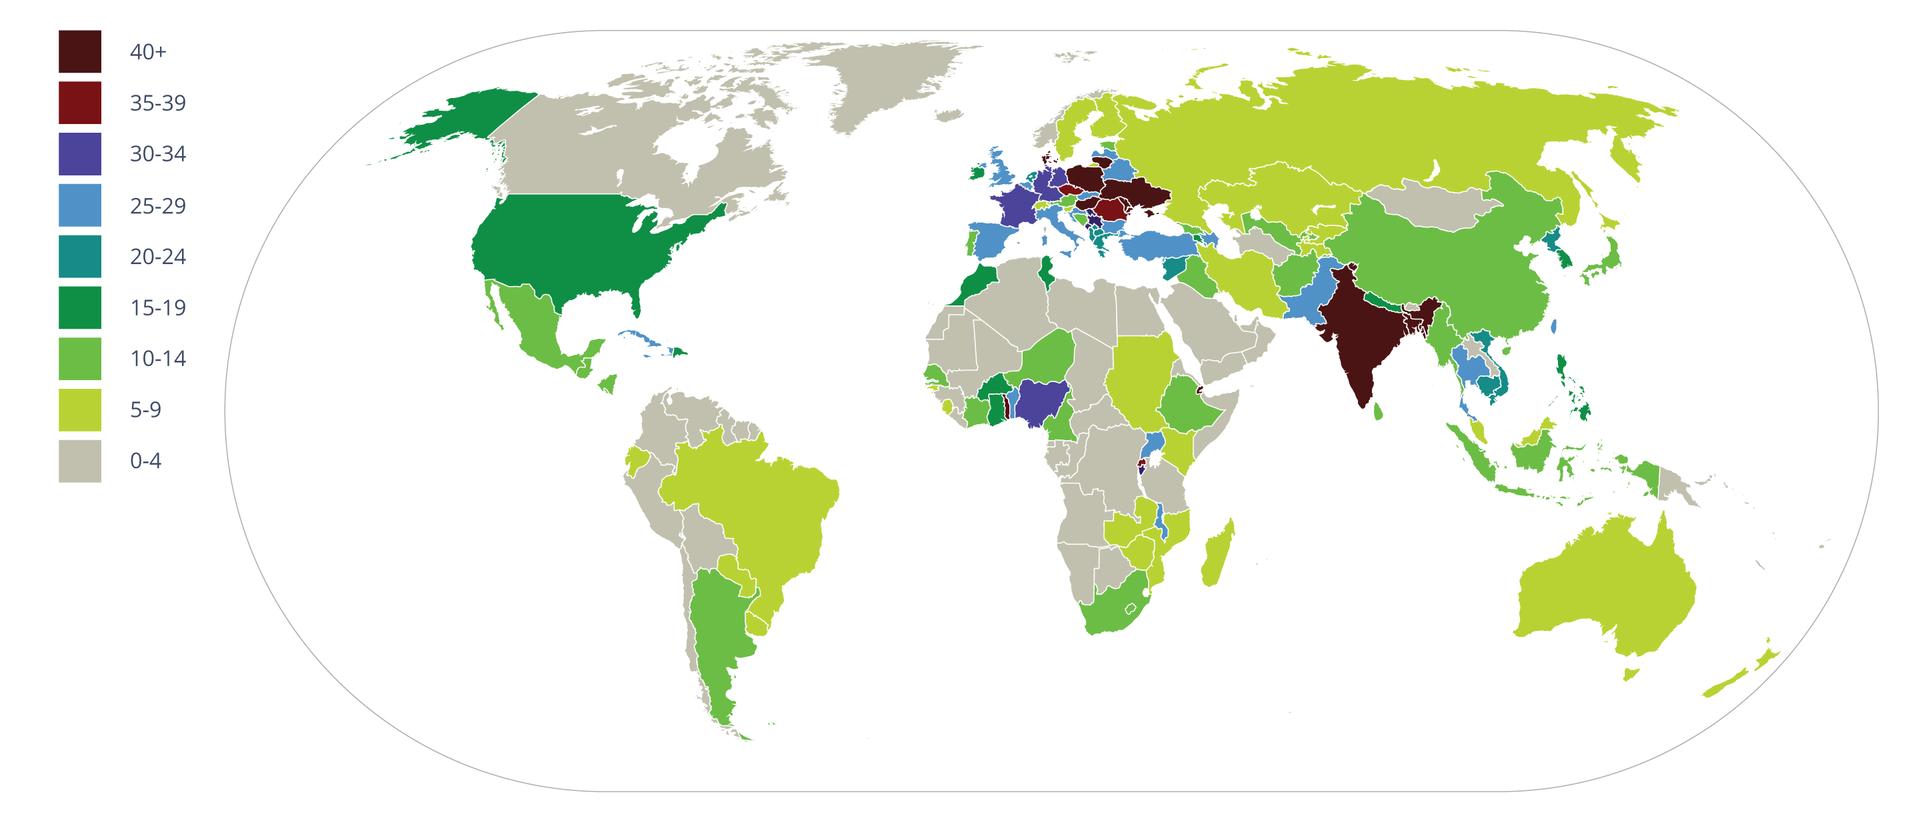 Ilustracja przedstawia poglądową mapę świata. Na kontynentach różnymi kolorami wposzczególnych krajach zaznaczono procentowy udział pól uprawnych wich powierzchni. Brązowy kolor oznacza najwyższy udział, ponad 40 procent. Szary kolor oznacza poniżej czterech procent pól uprawnych wdanym kraju.